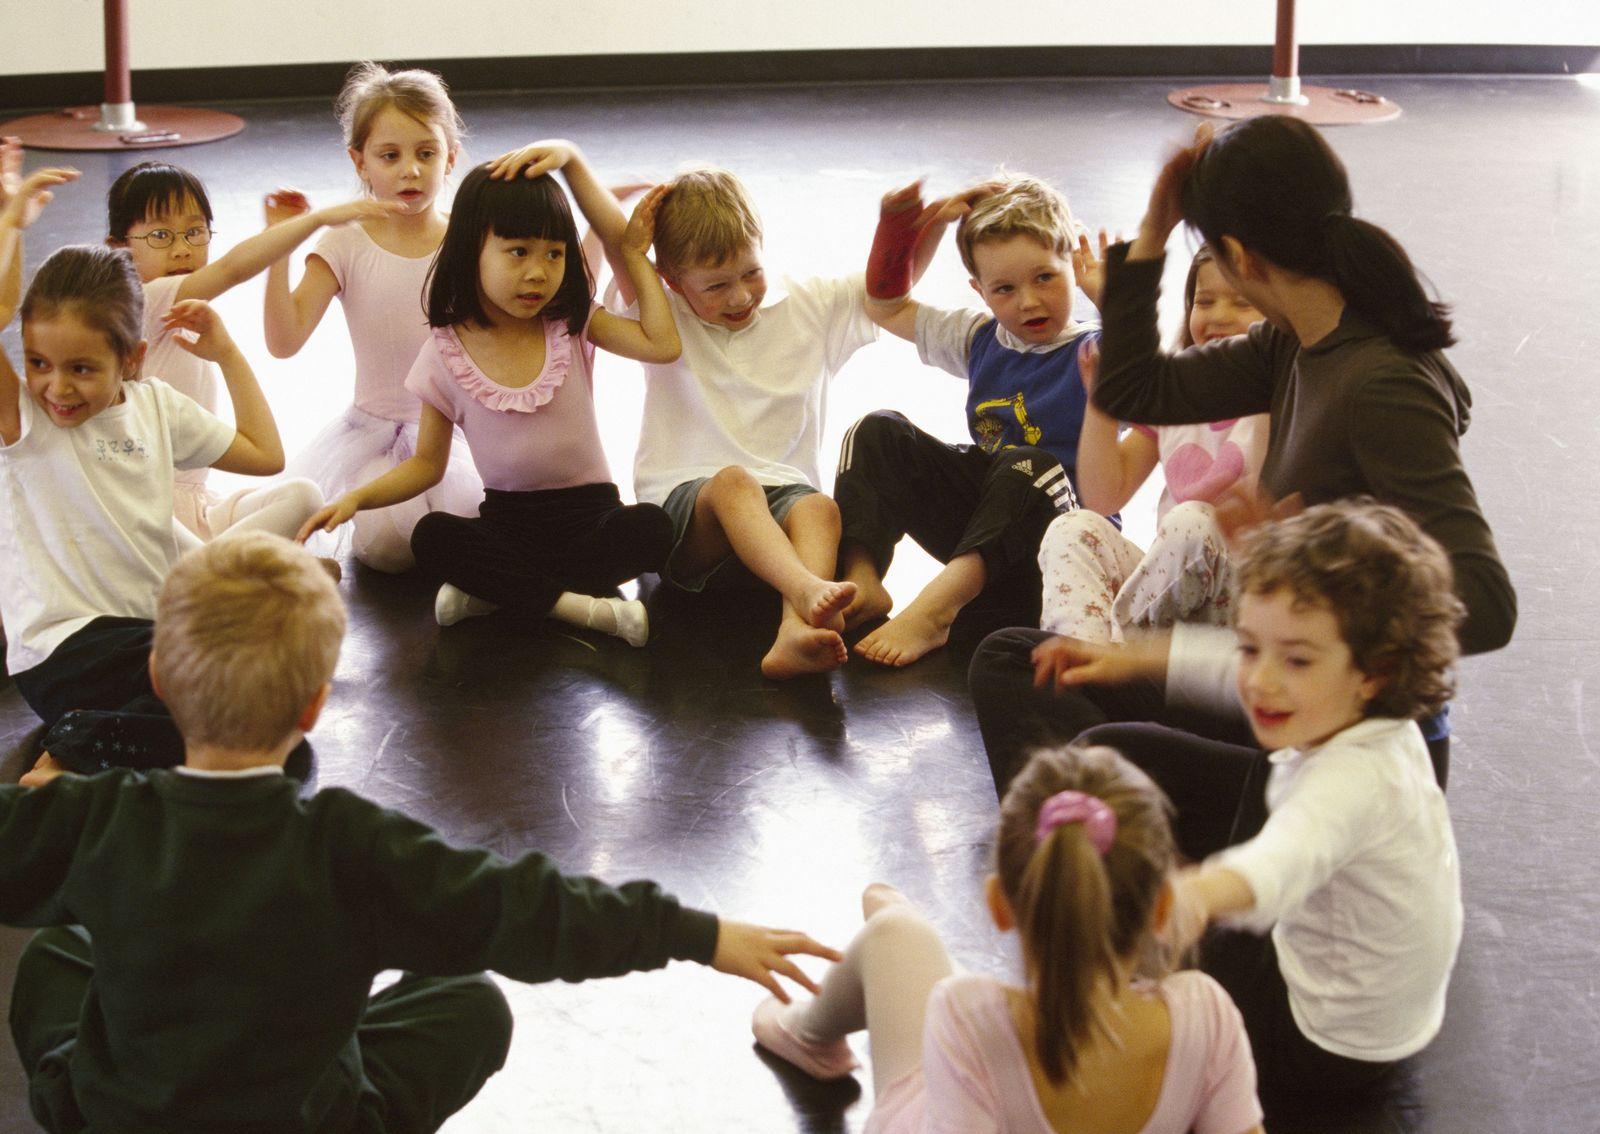 NICHT MEHR VERWENDEN! - Kinder / Kindergarten